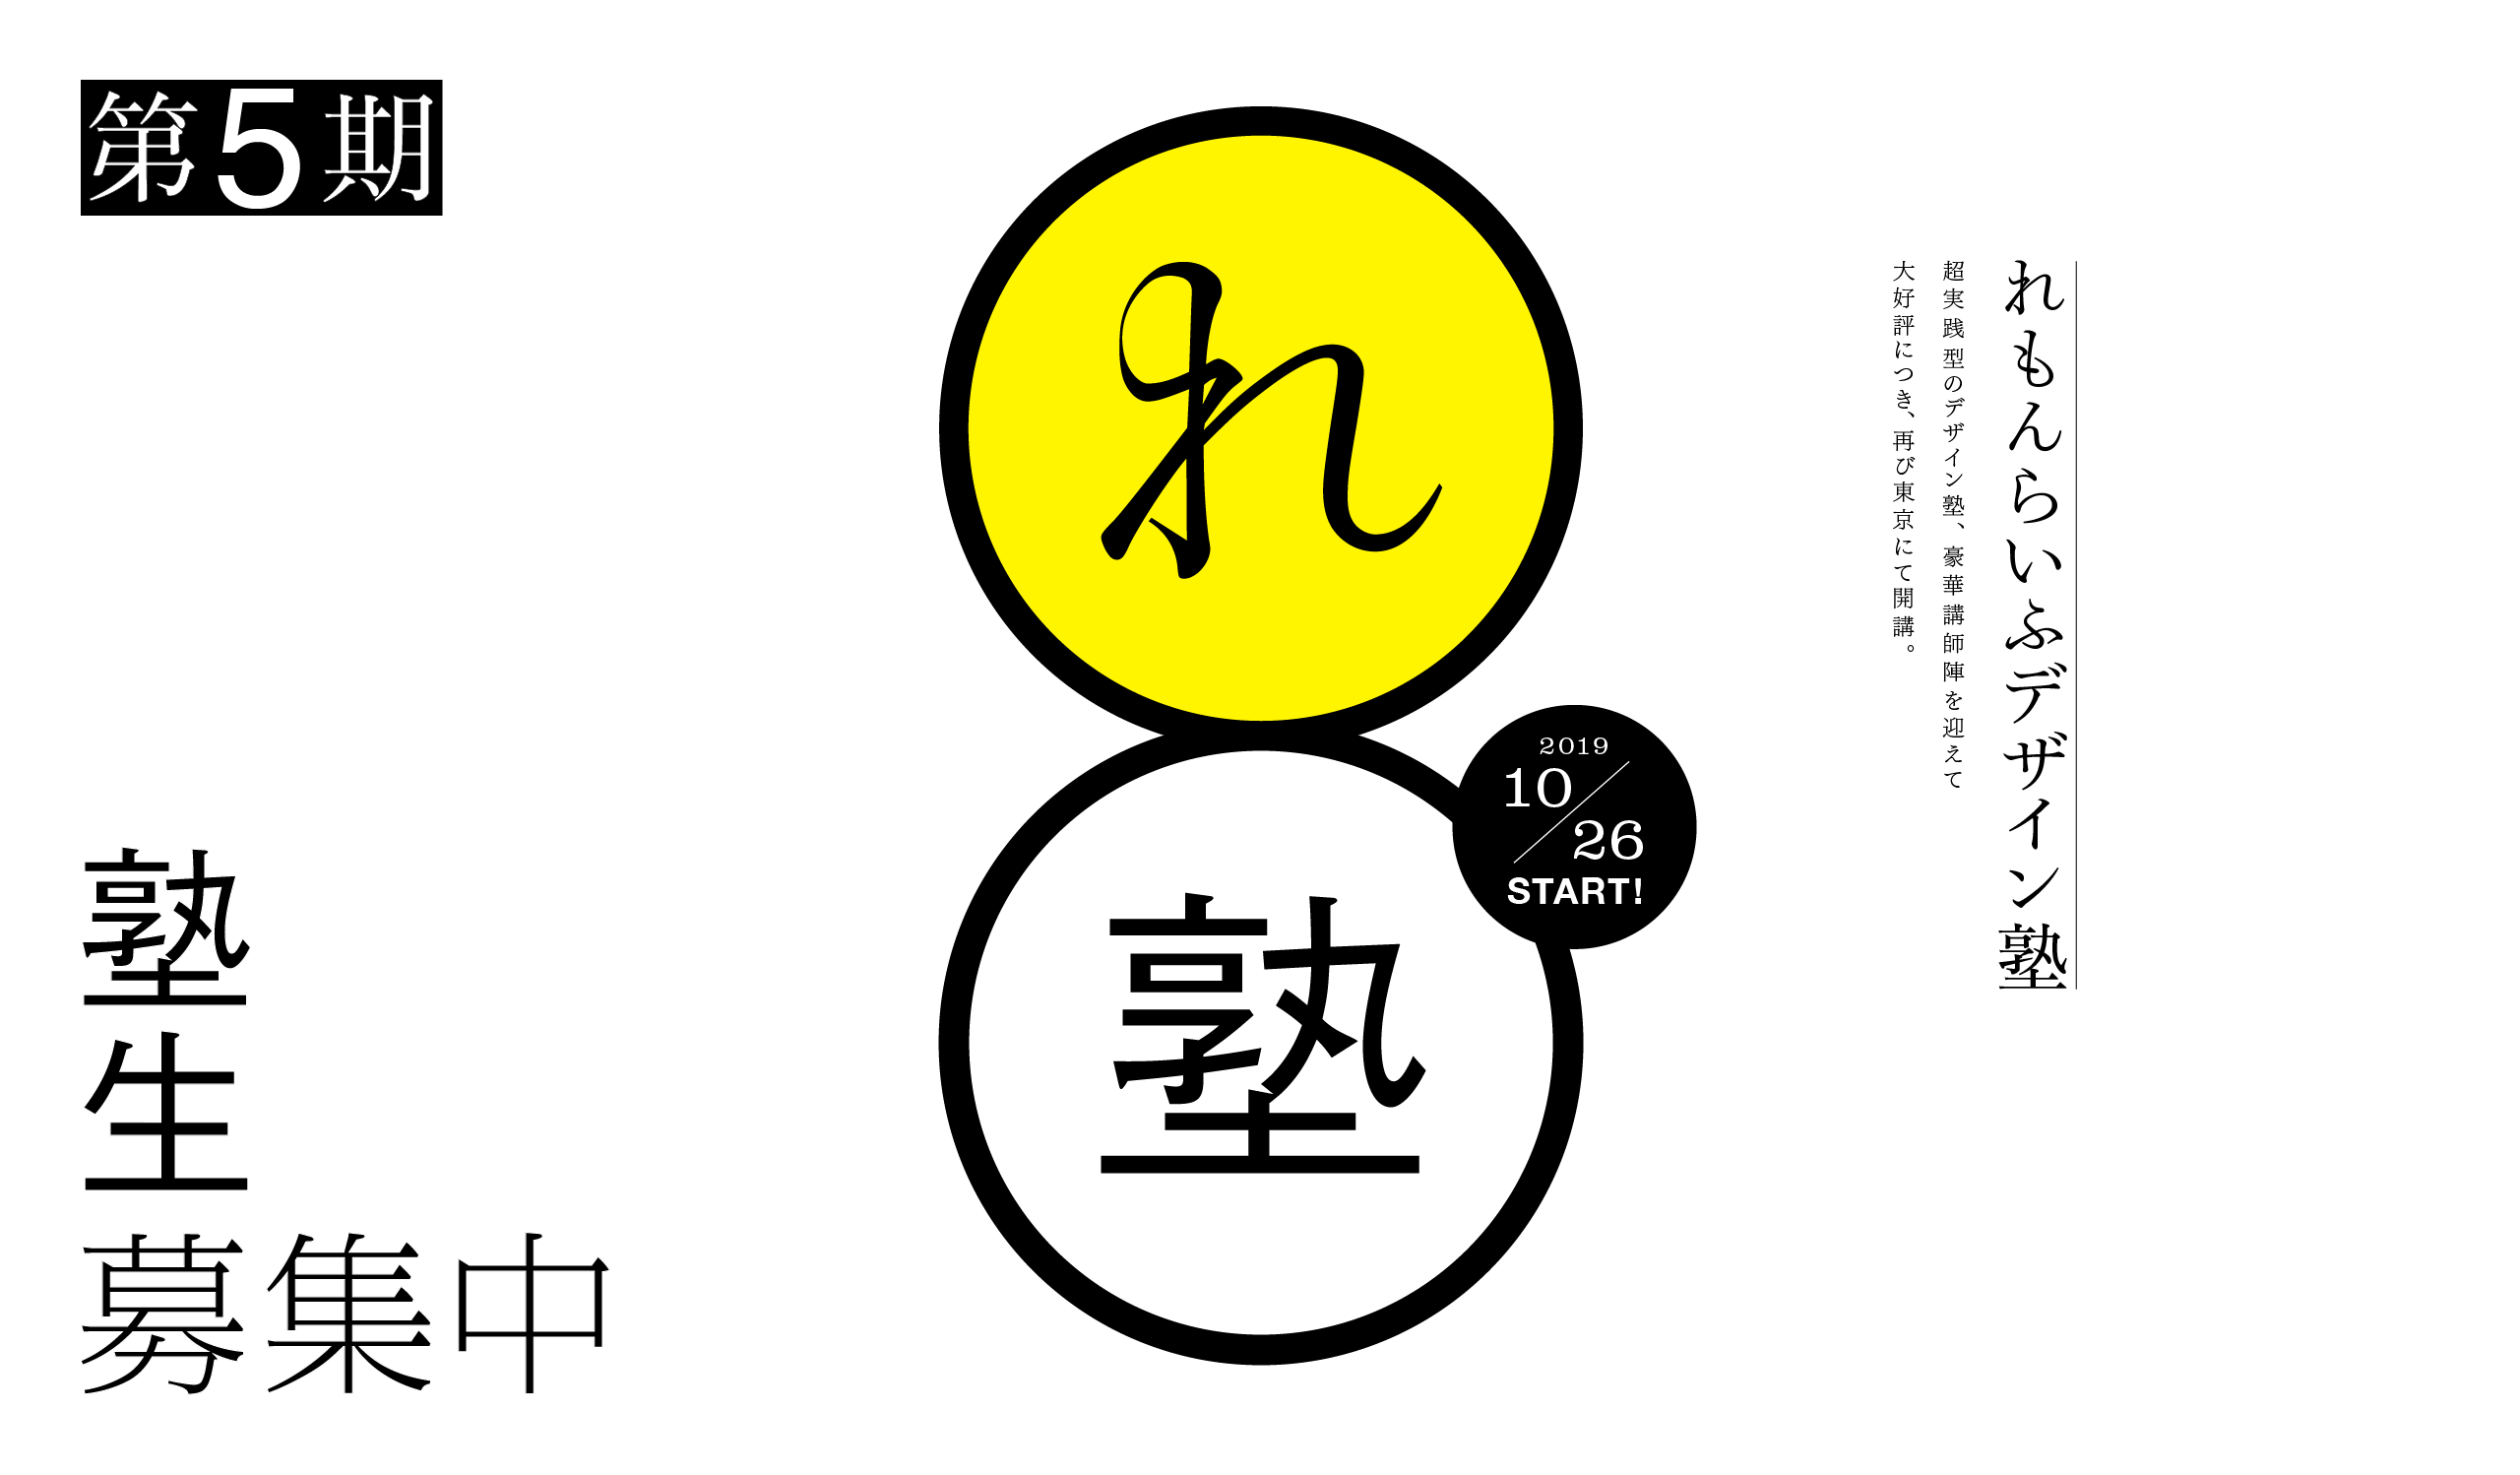 西野亮廣やテリー伊藤なども!豪華クリエイターが講師として登場する「れもんらいふデザイン塾」の第5期が開講 2番目の画像